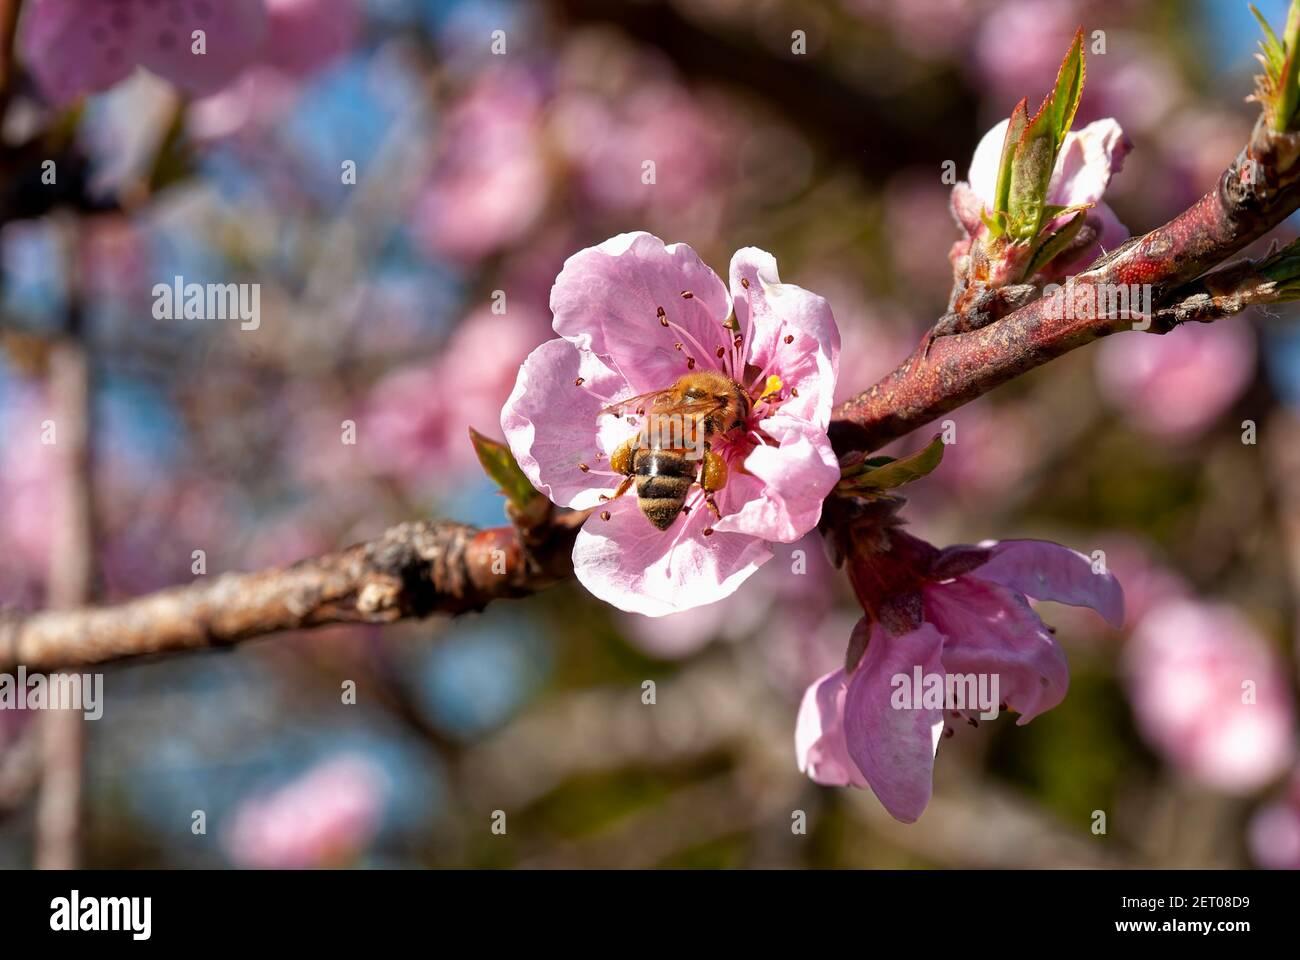 Lavorazione dell'ape di miele di Carniolan (Apis mellifera carnica), fiore di pesca. Foto Stock